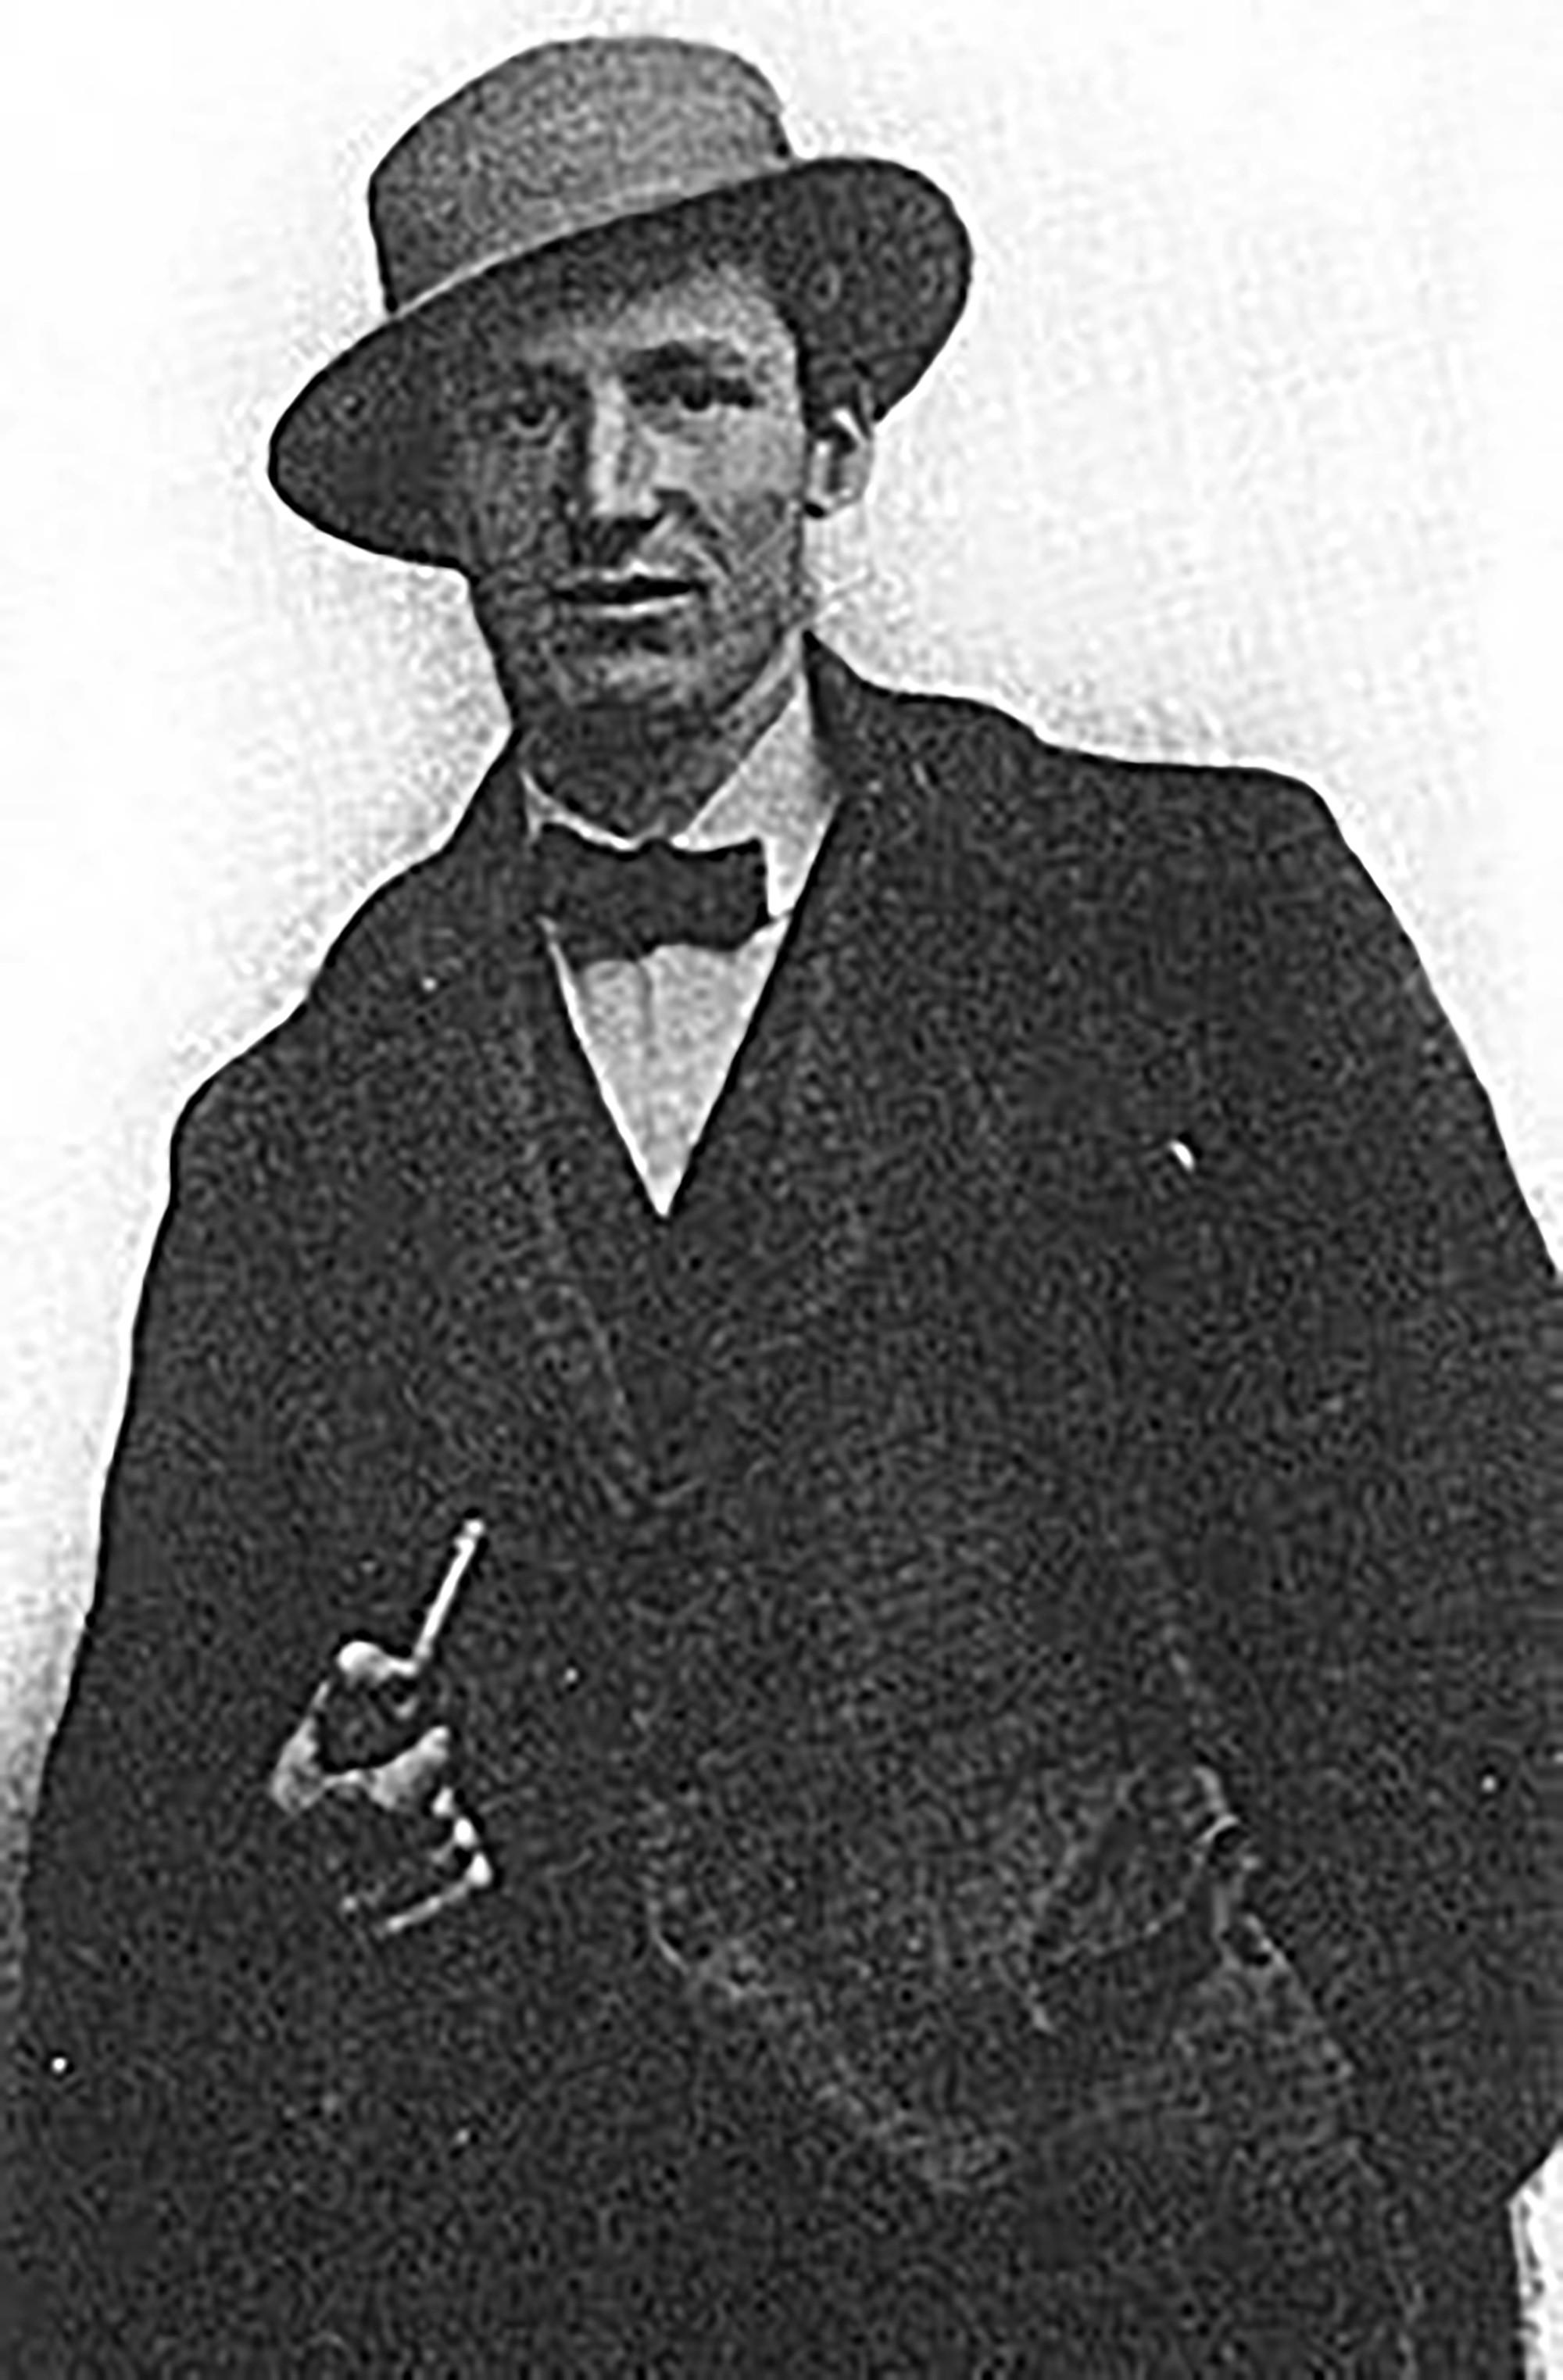 Antonio Sant'Elia (1888-1916)